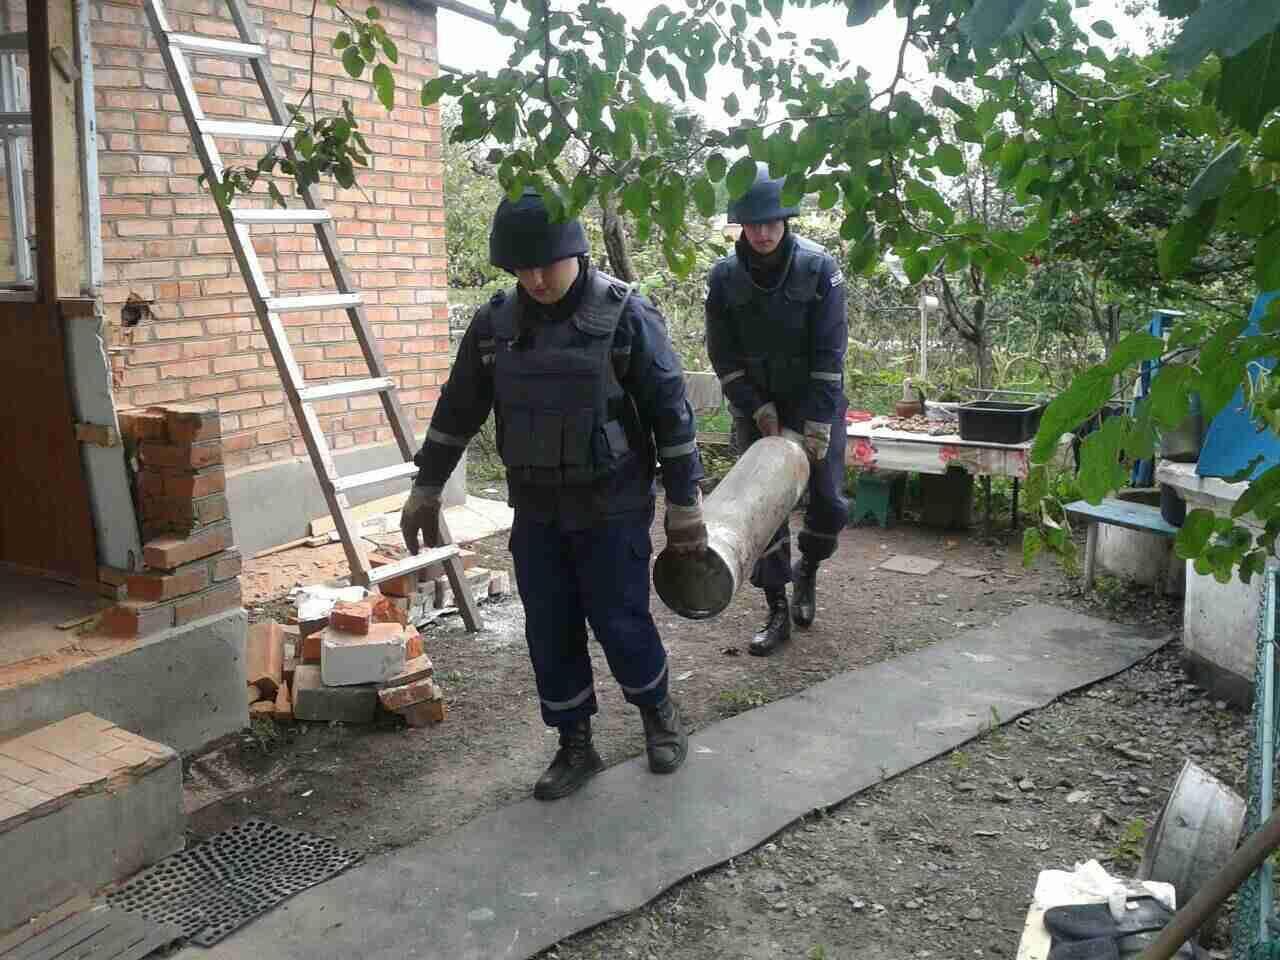 Спасатели проверяют территорию возле жилых домов.